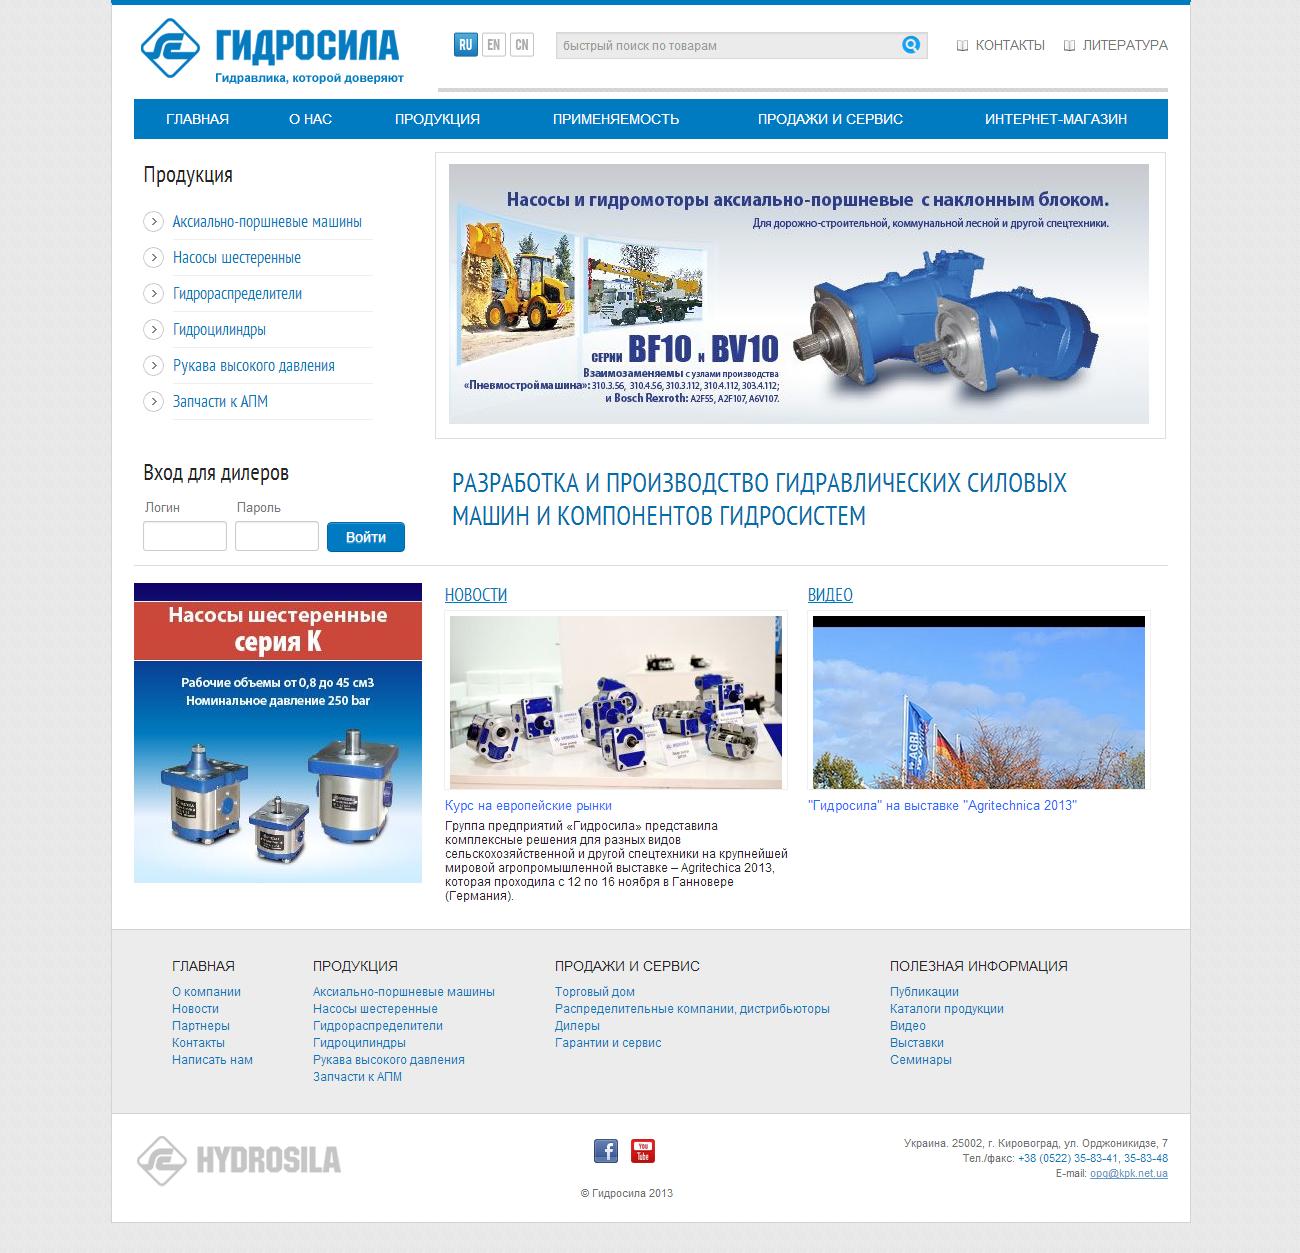 «Гидросила ГРУП» - крупнейший производитель гидравлических машин